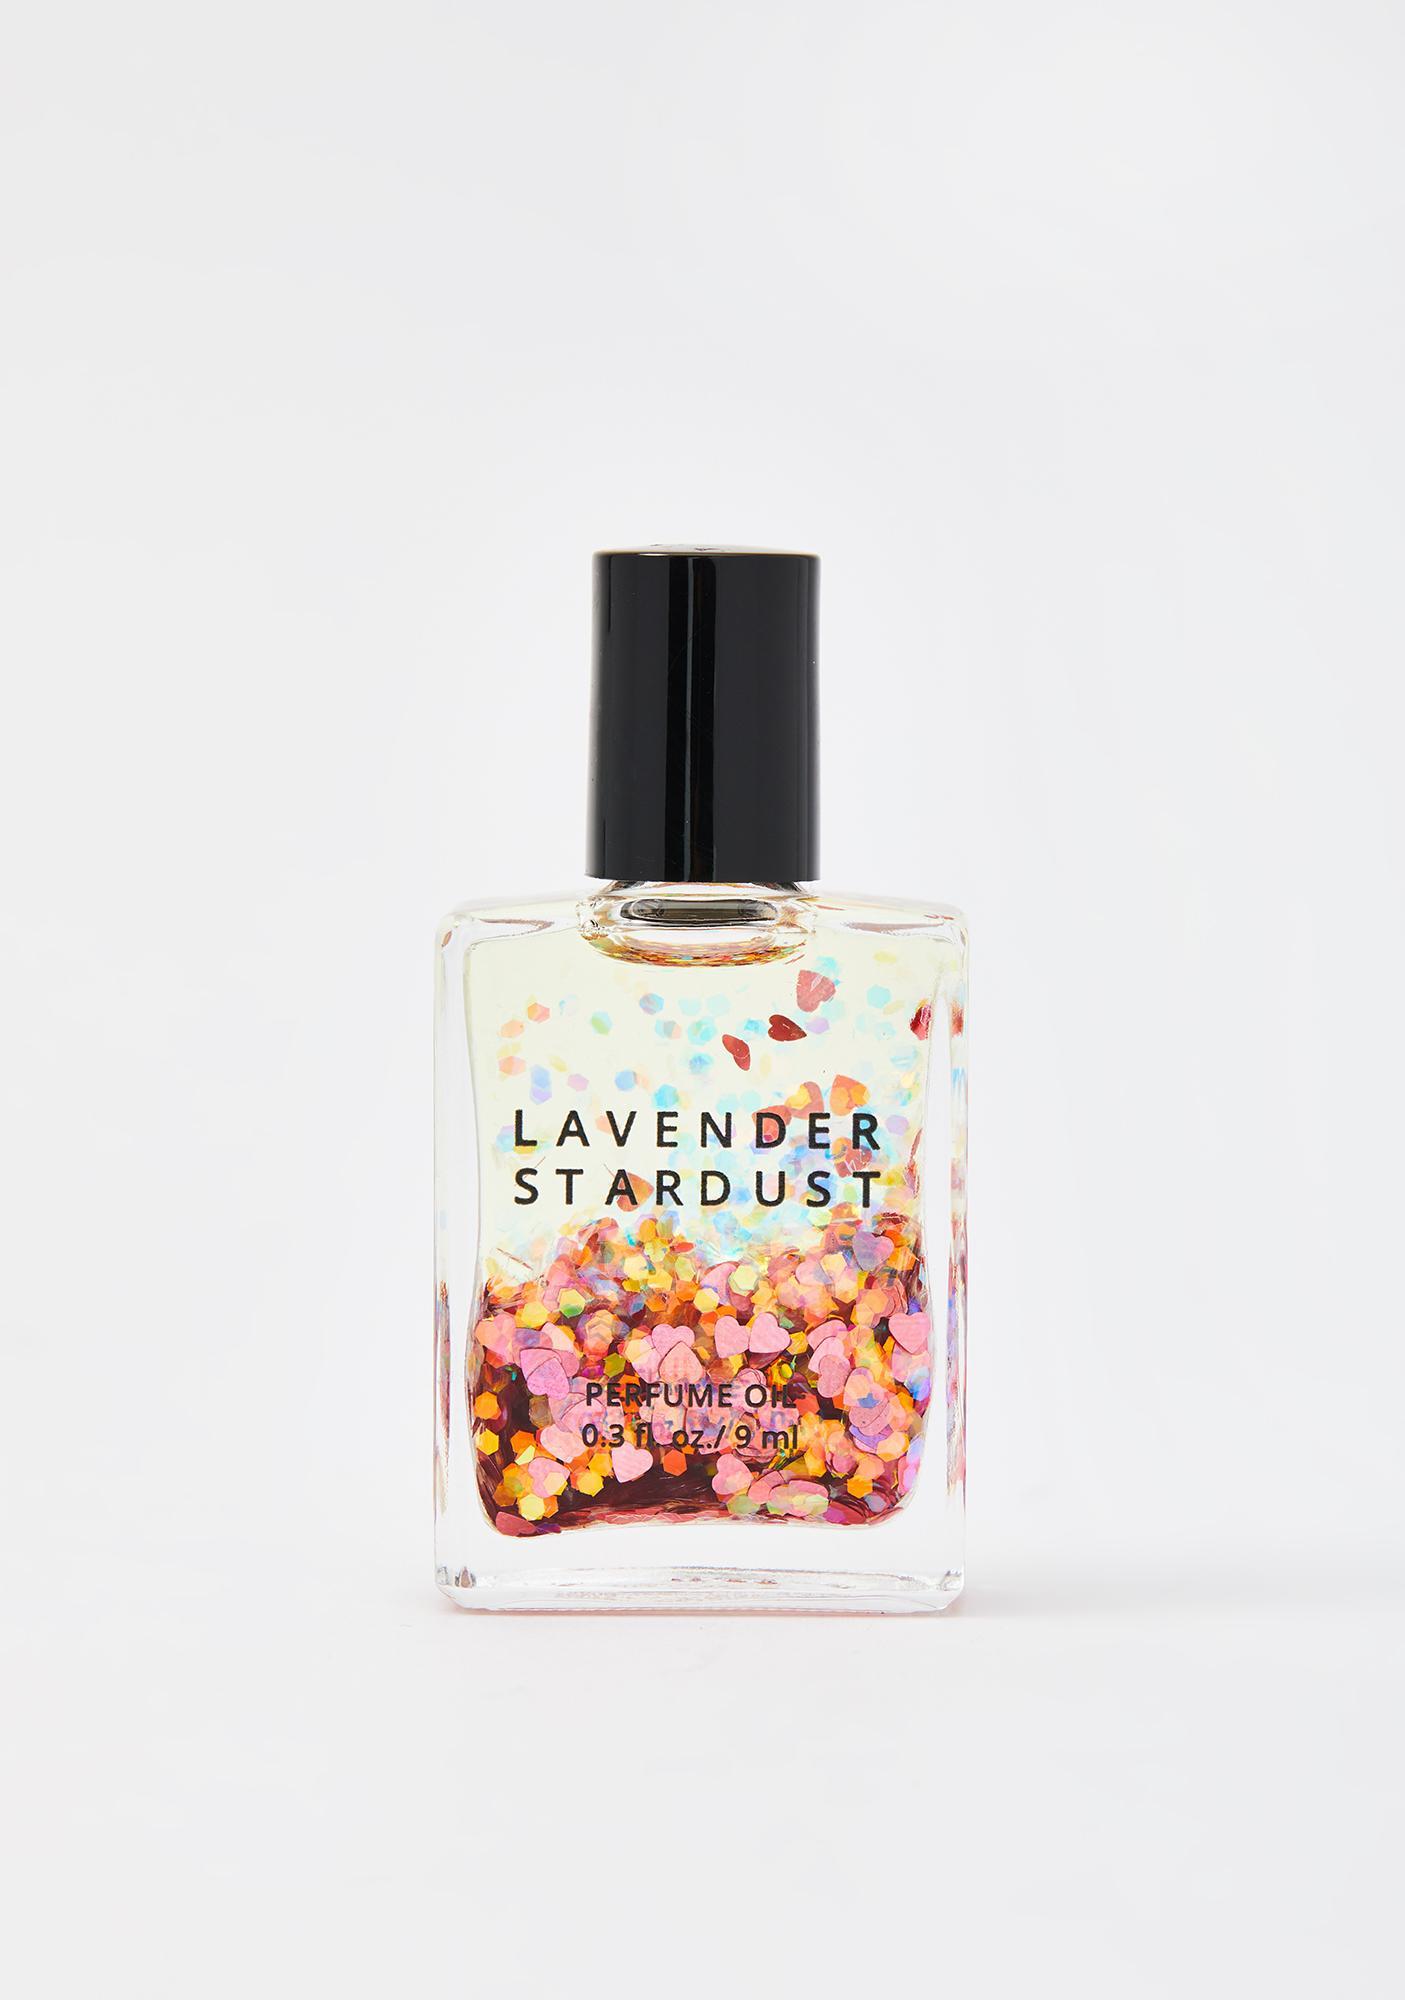 Lavender Stardust Boys Tears Roll On Perfume Oil